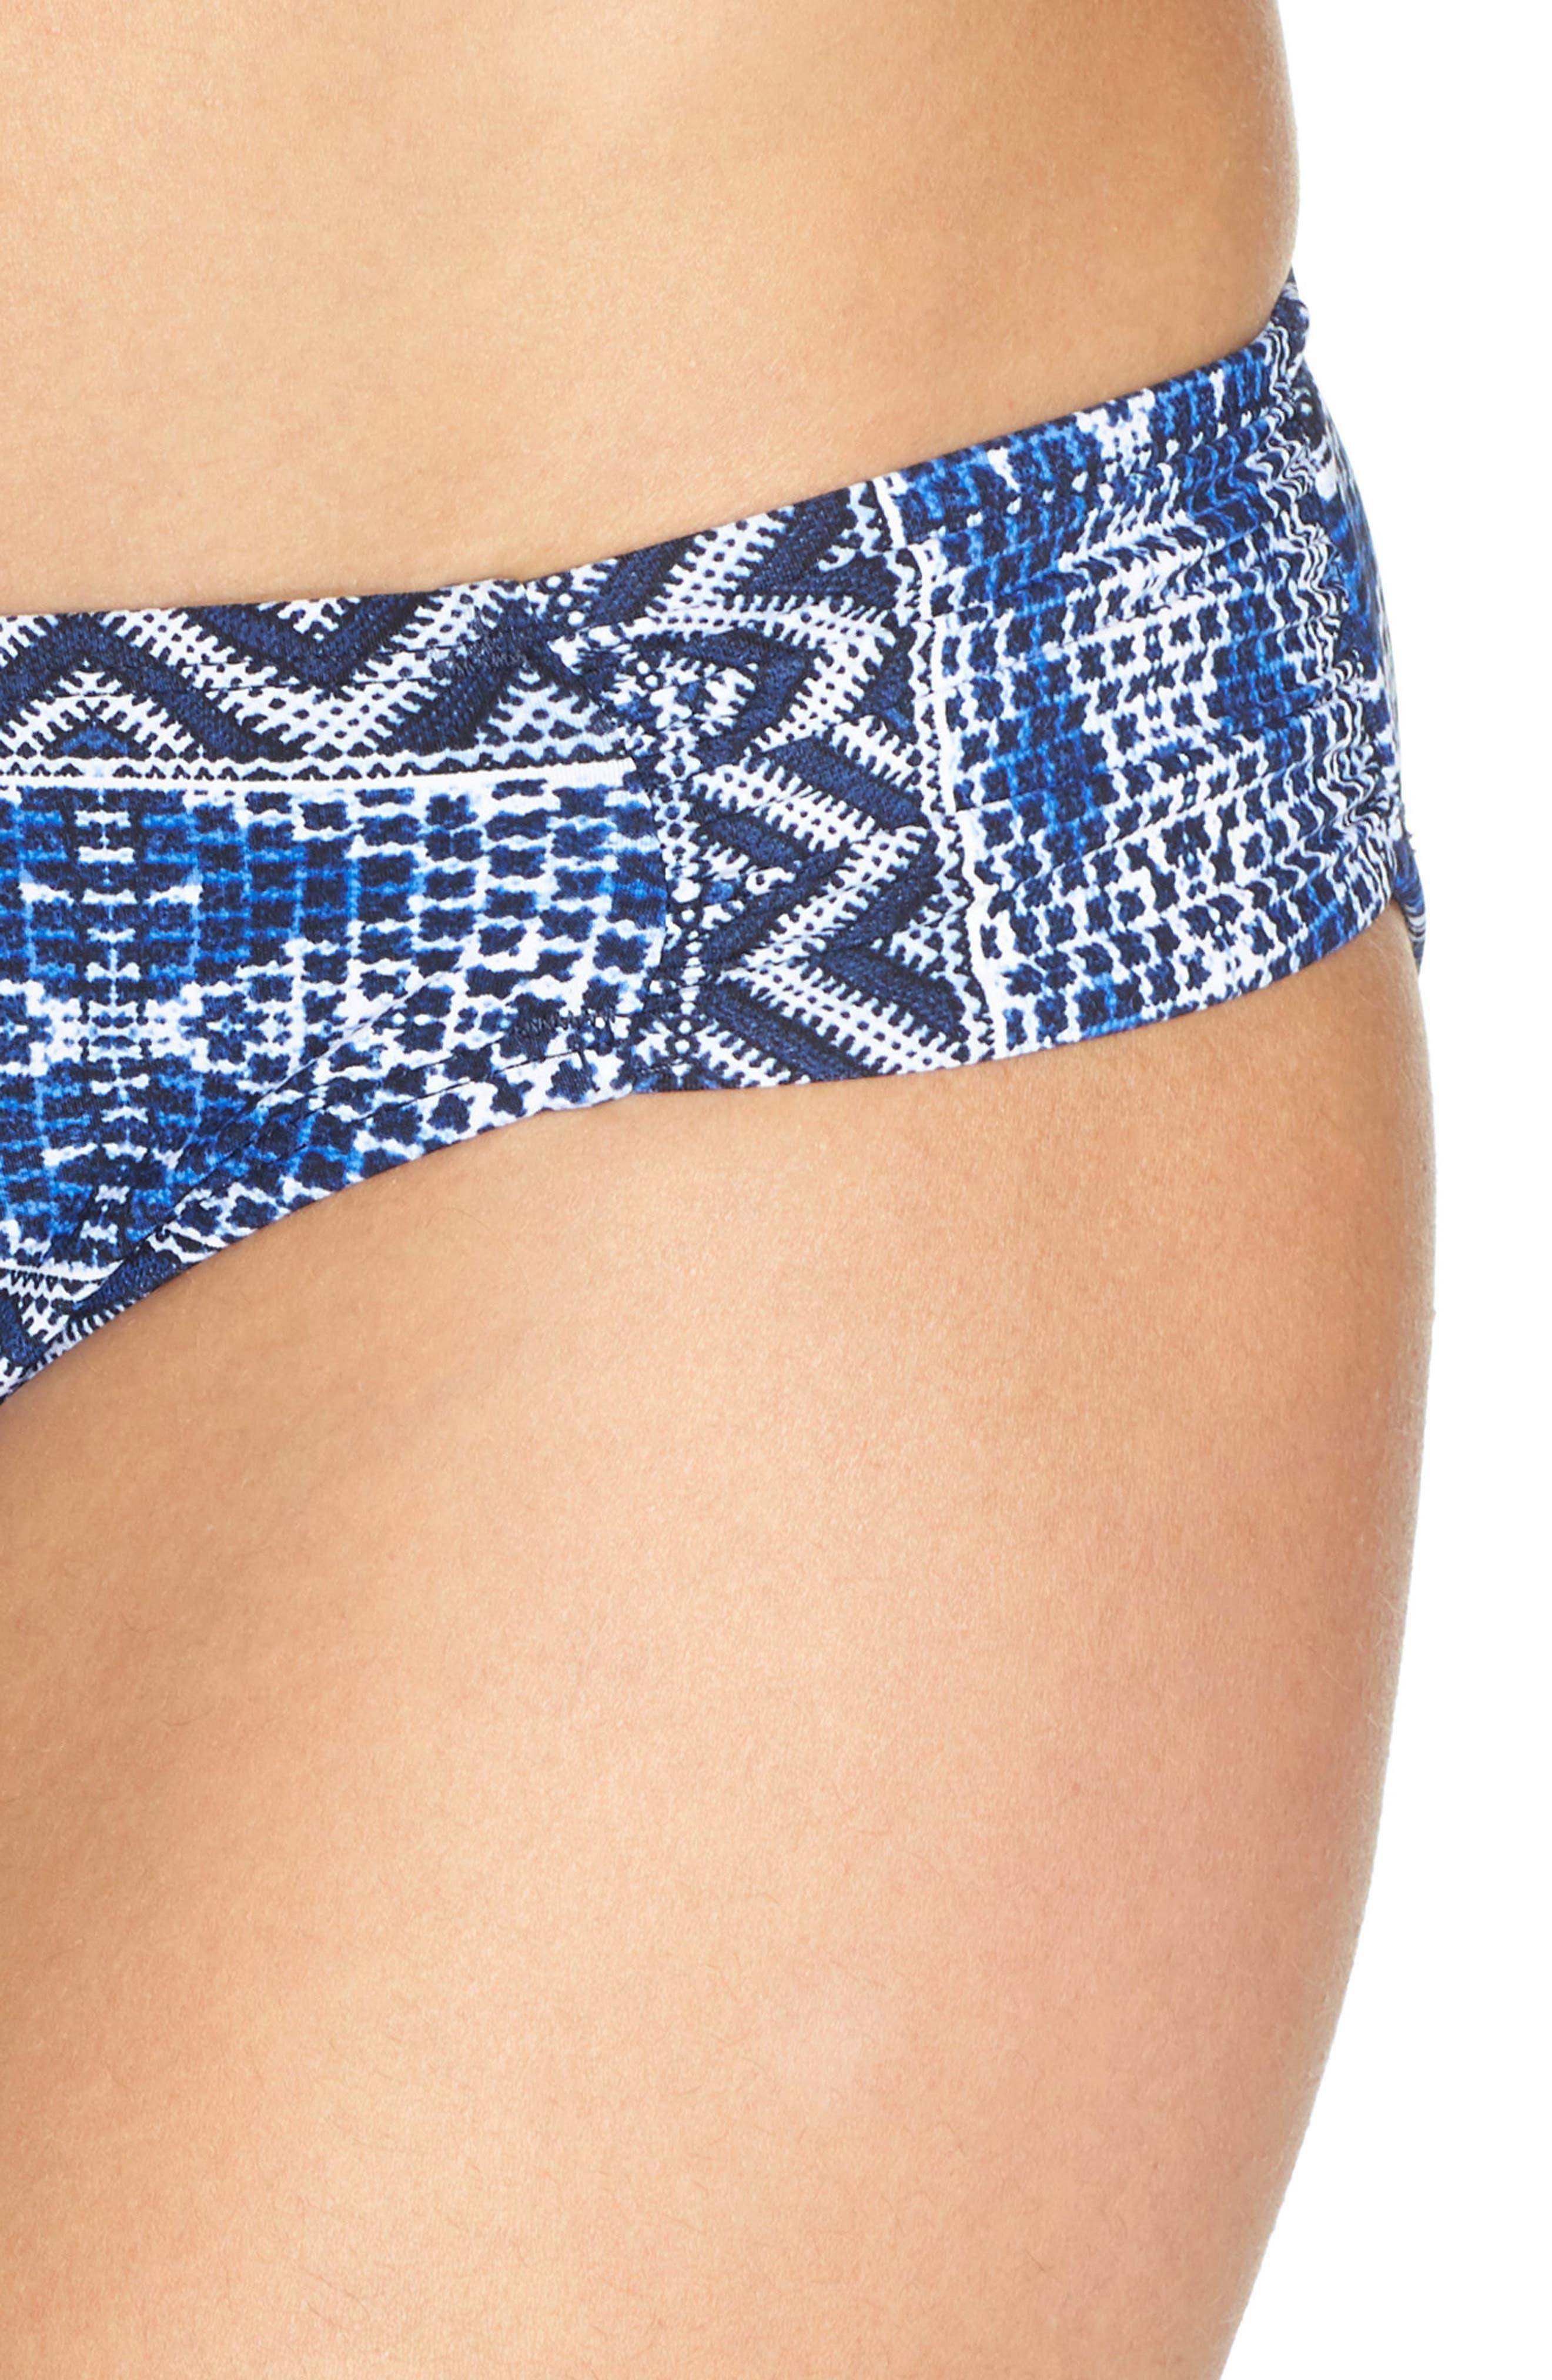 Designer Jeans Hipster Bikini Bottoms,                             Alternate thumbnail 4, color,                             401